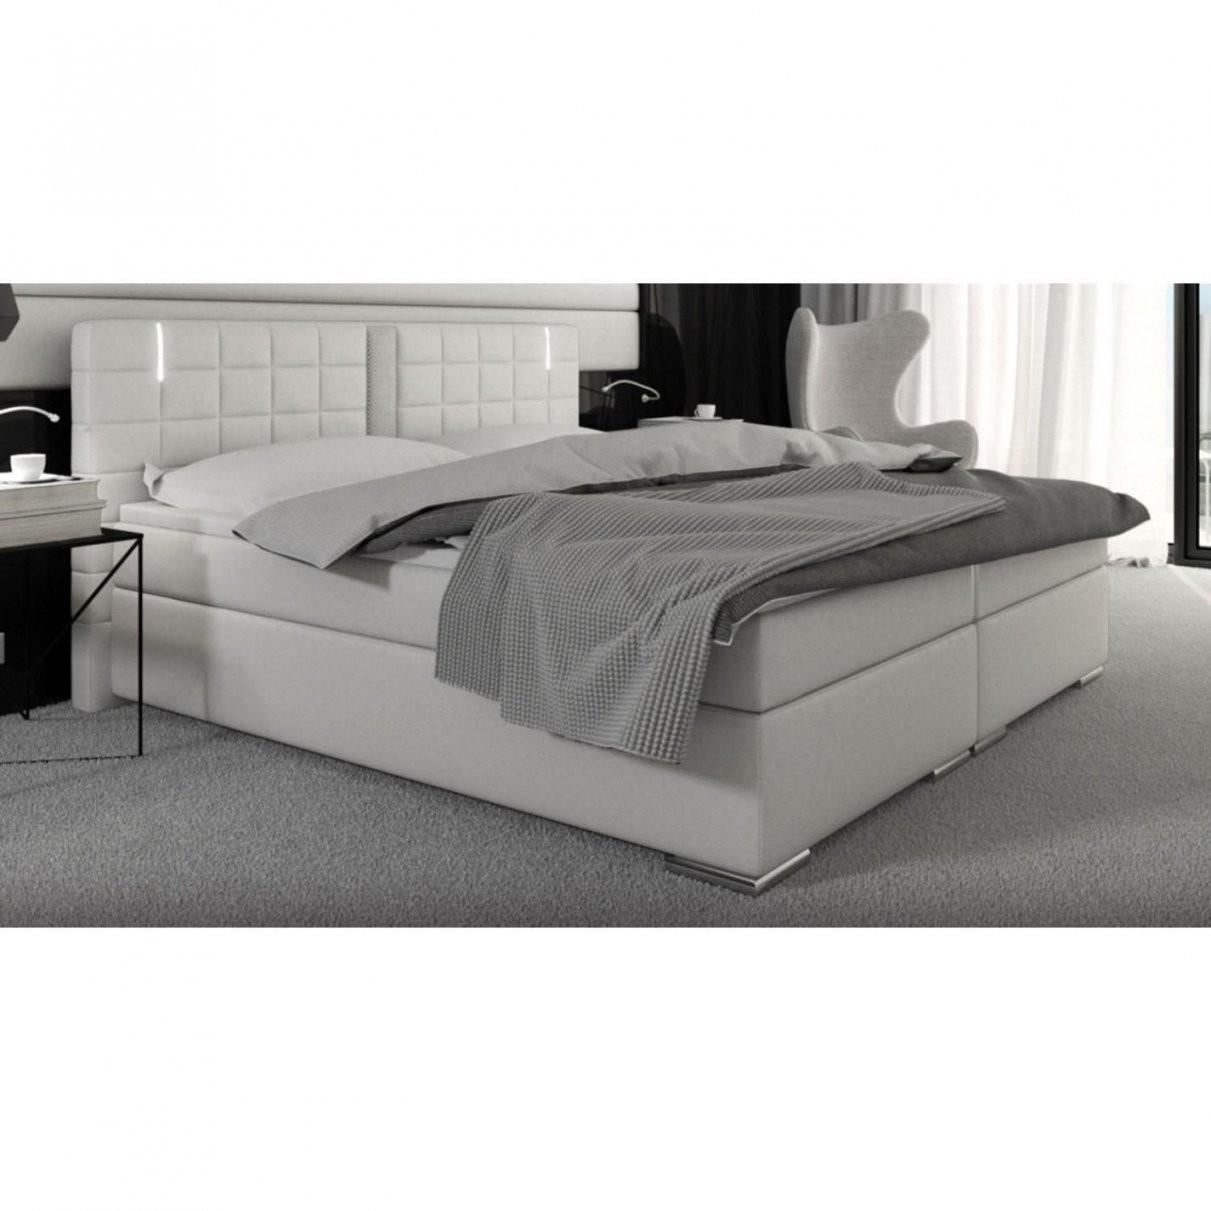 Matratze 160—200 Billig Luxus Betten Mit Matratze Preisvergleich von Billige Betten Mit Matratze Bild